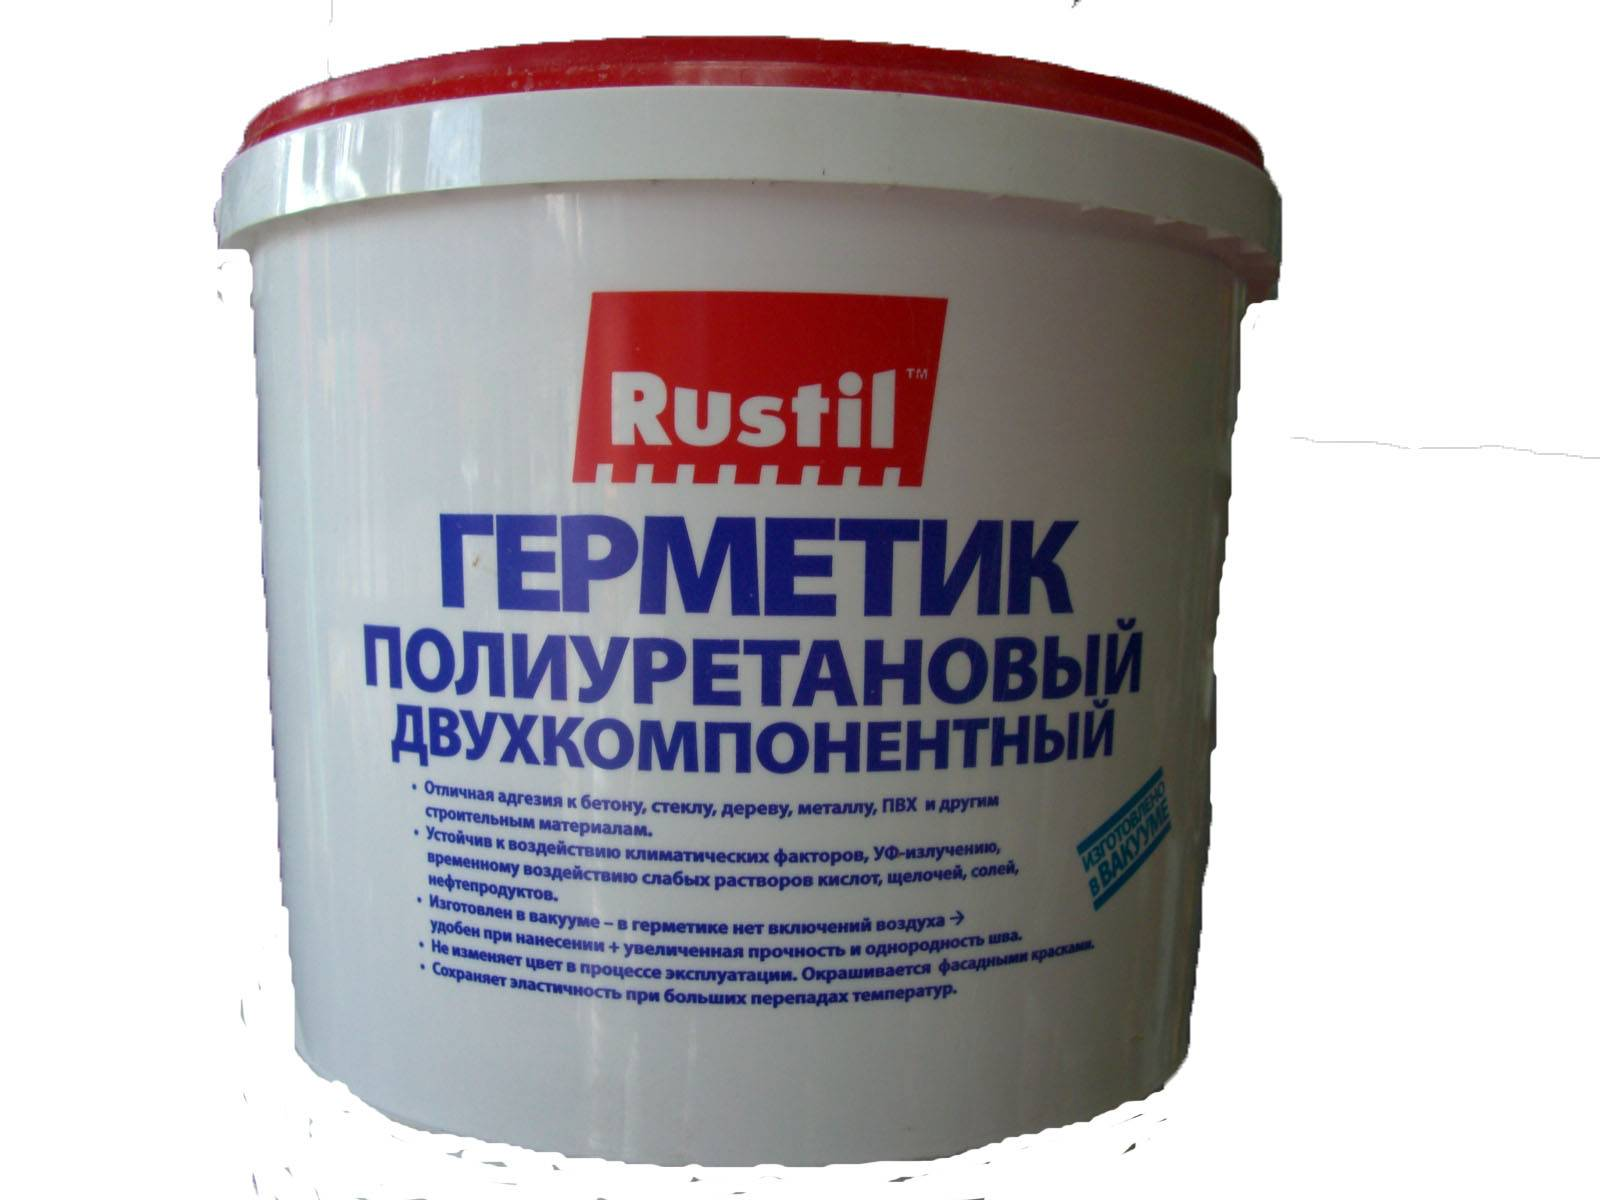 Герметик полиуретановый для наружных швов: морозостойкий и водостойкий продукт для наружных работ при минусовой температуре